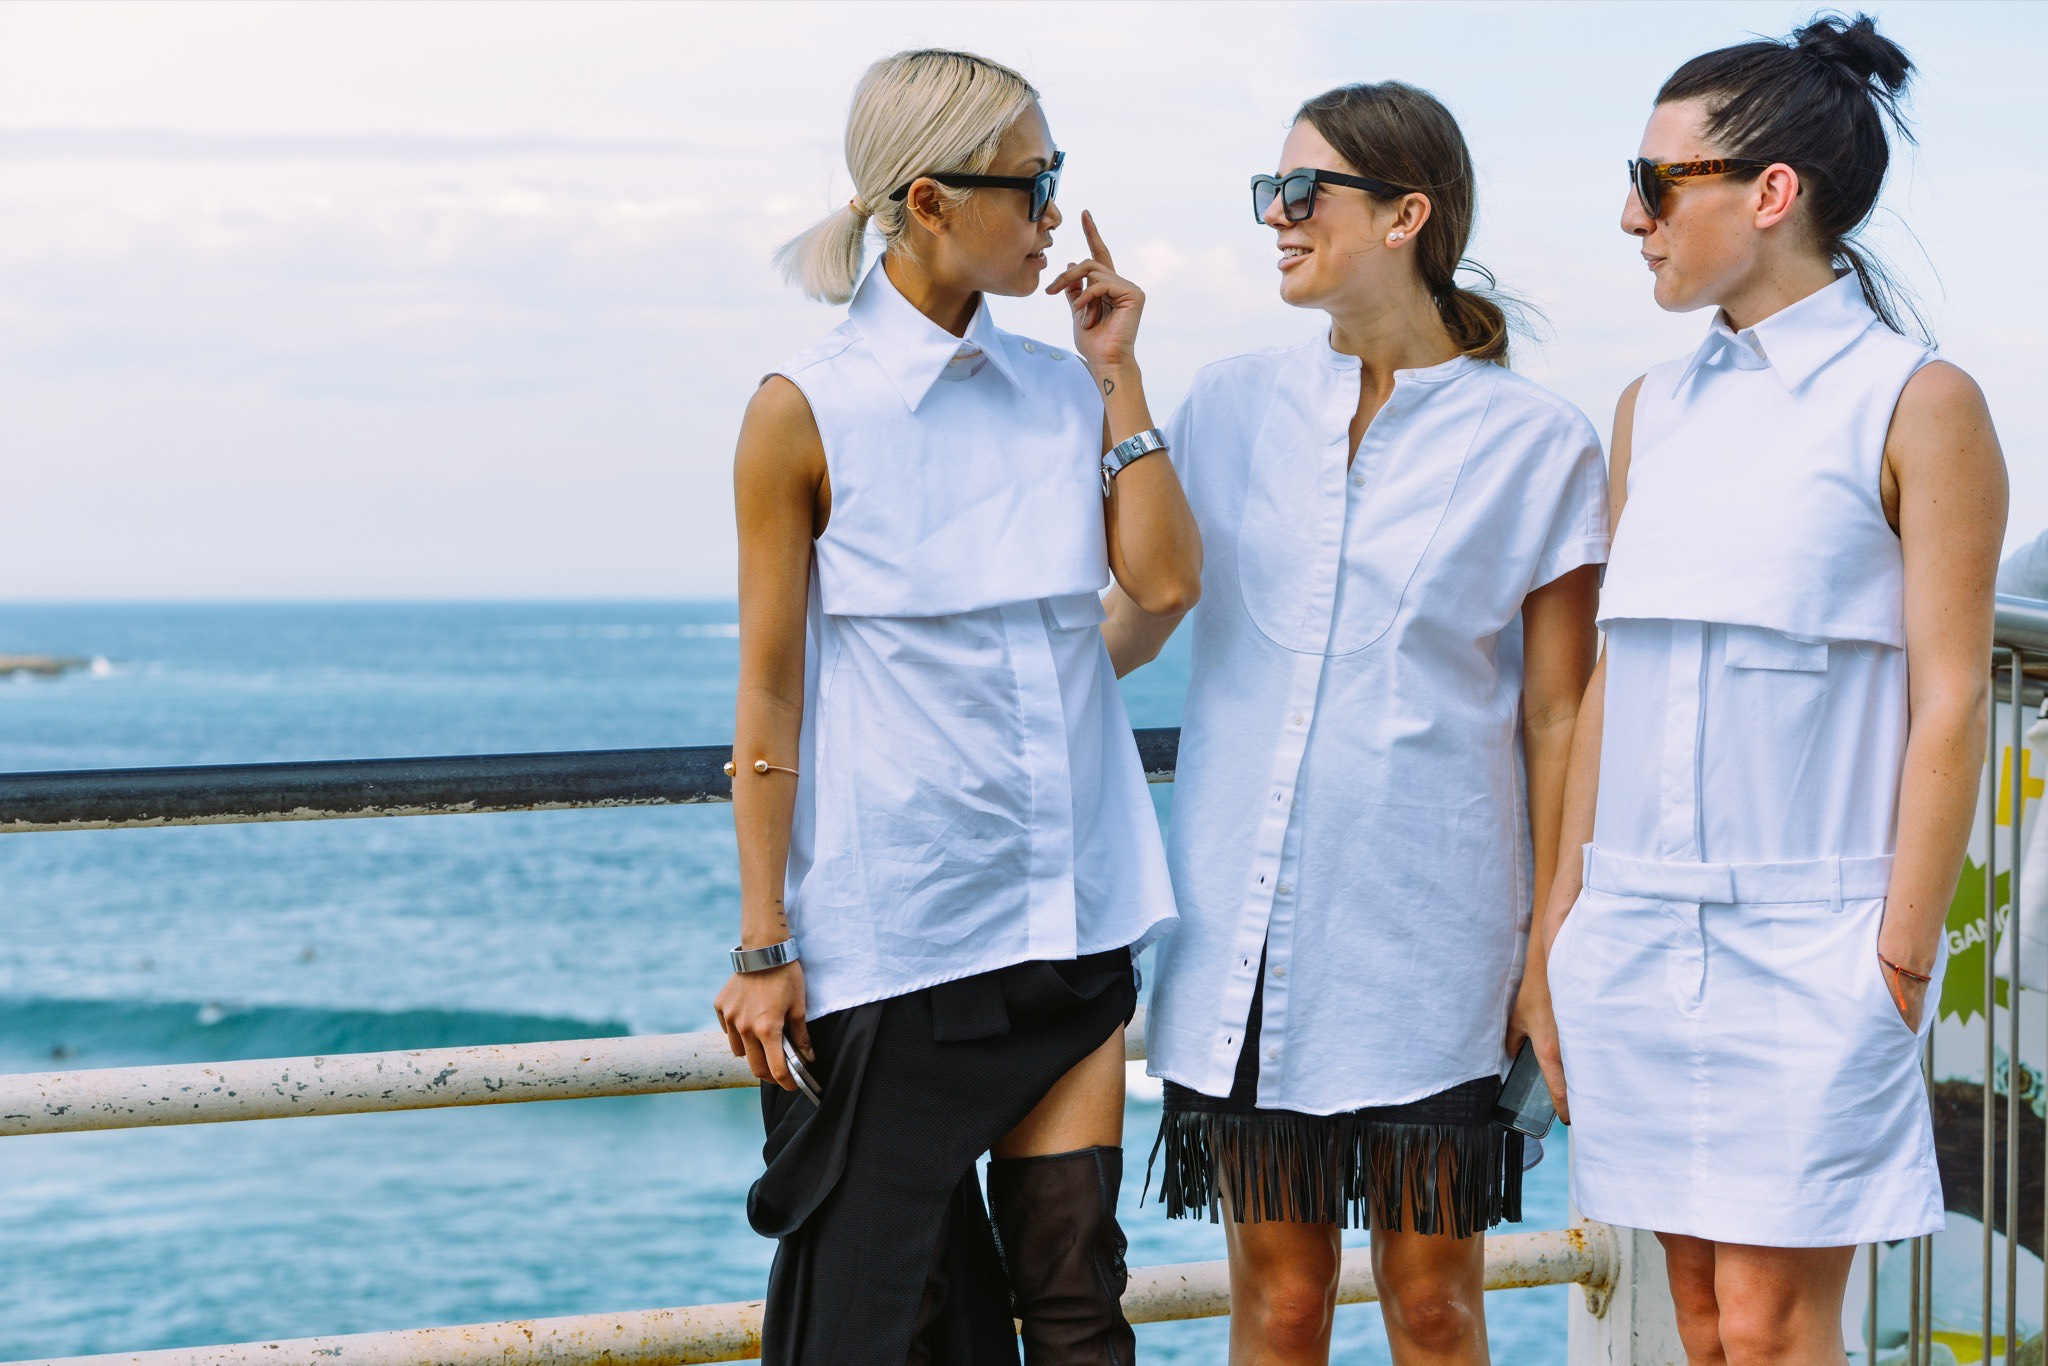 Sai abbinare la camicia bianca? [TEST]